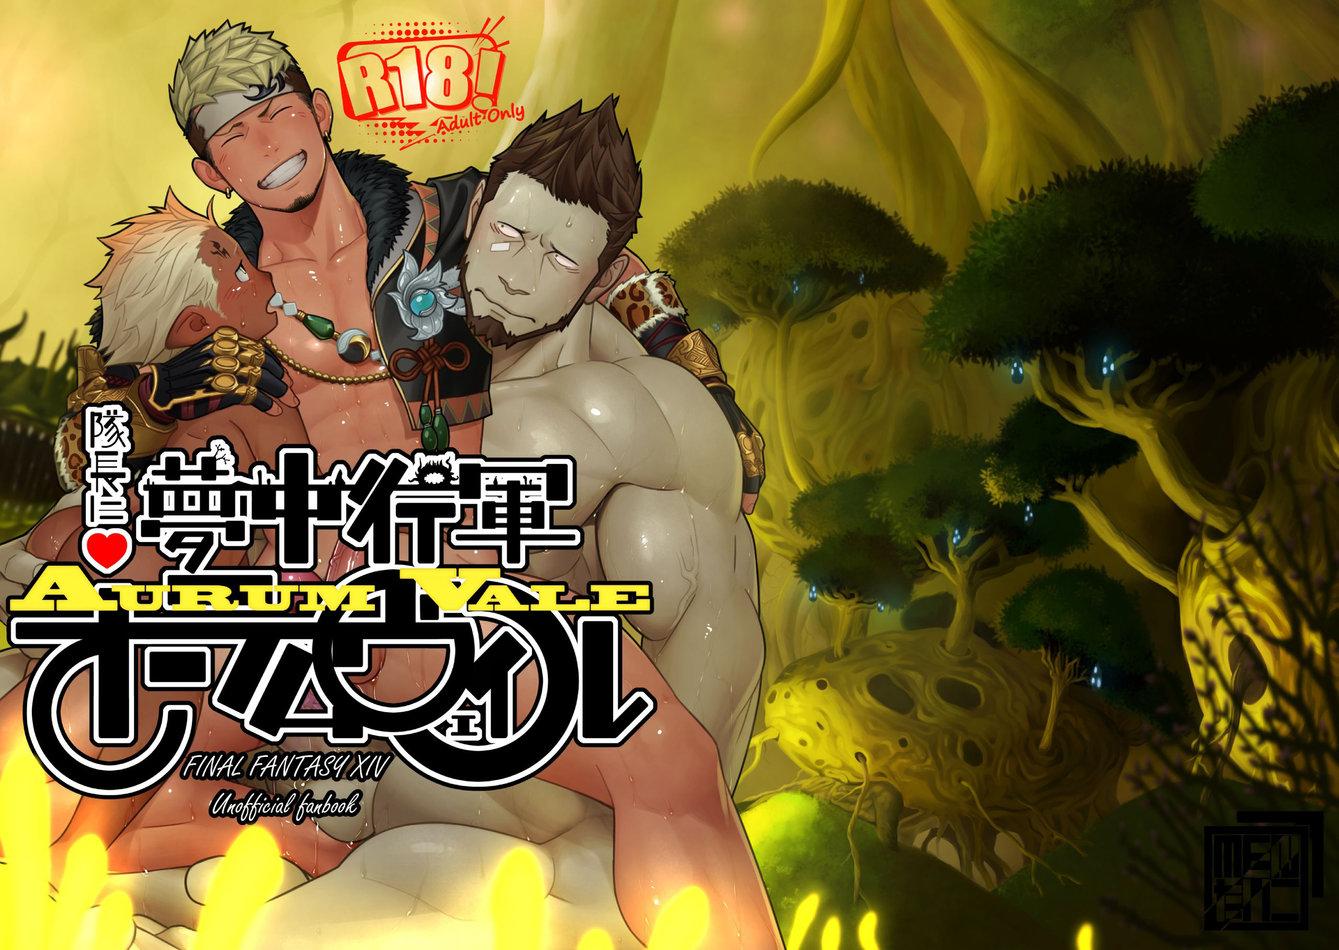 Taichou ni Muchuu Kougun Aurum Vale (Final Fantasy XIV)